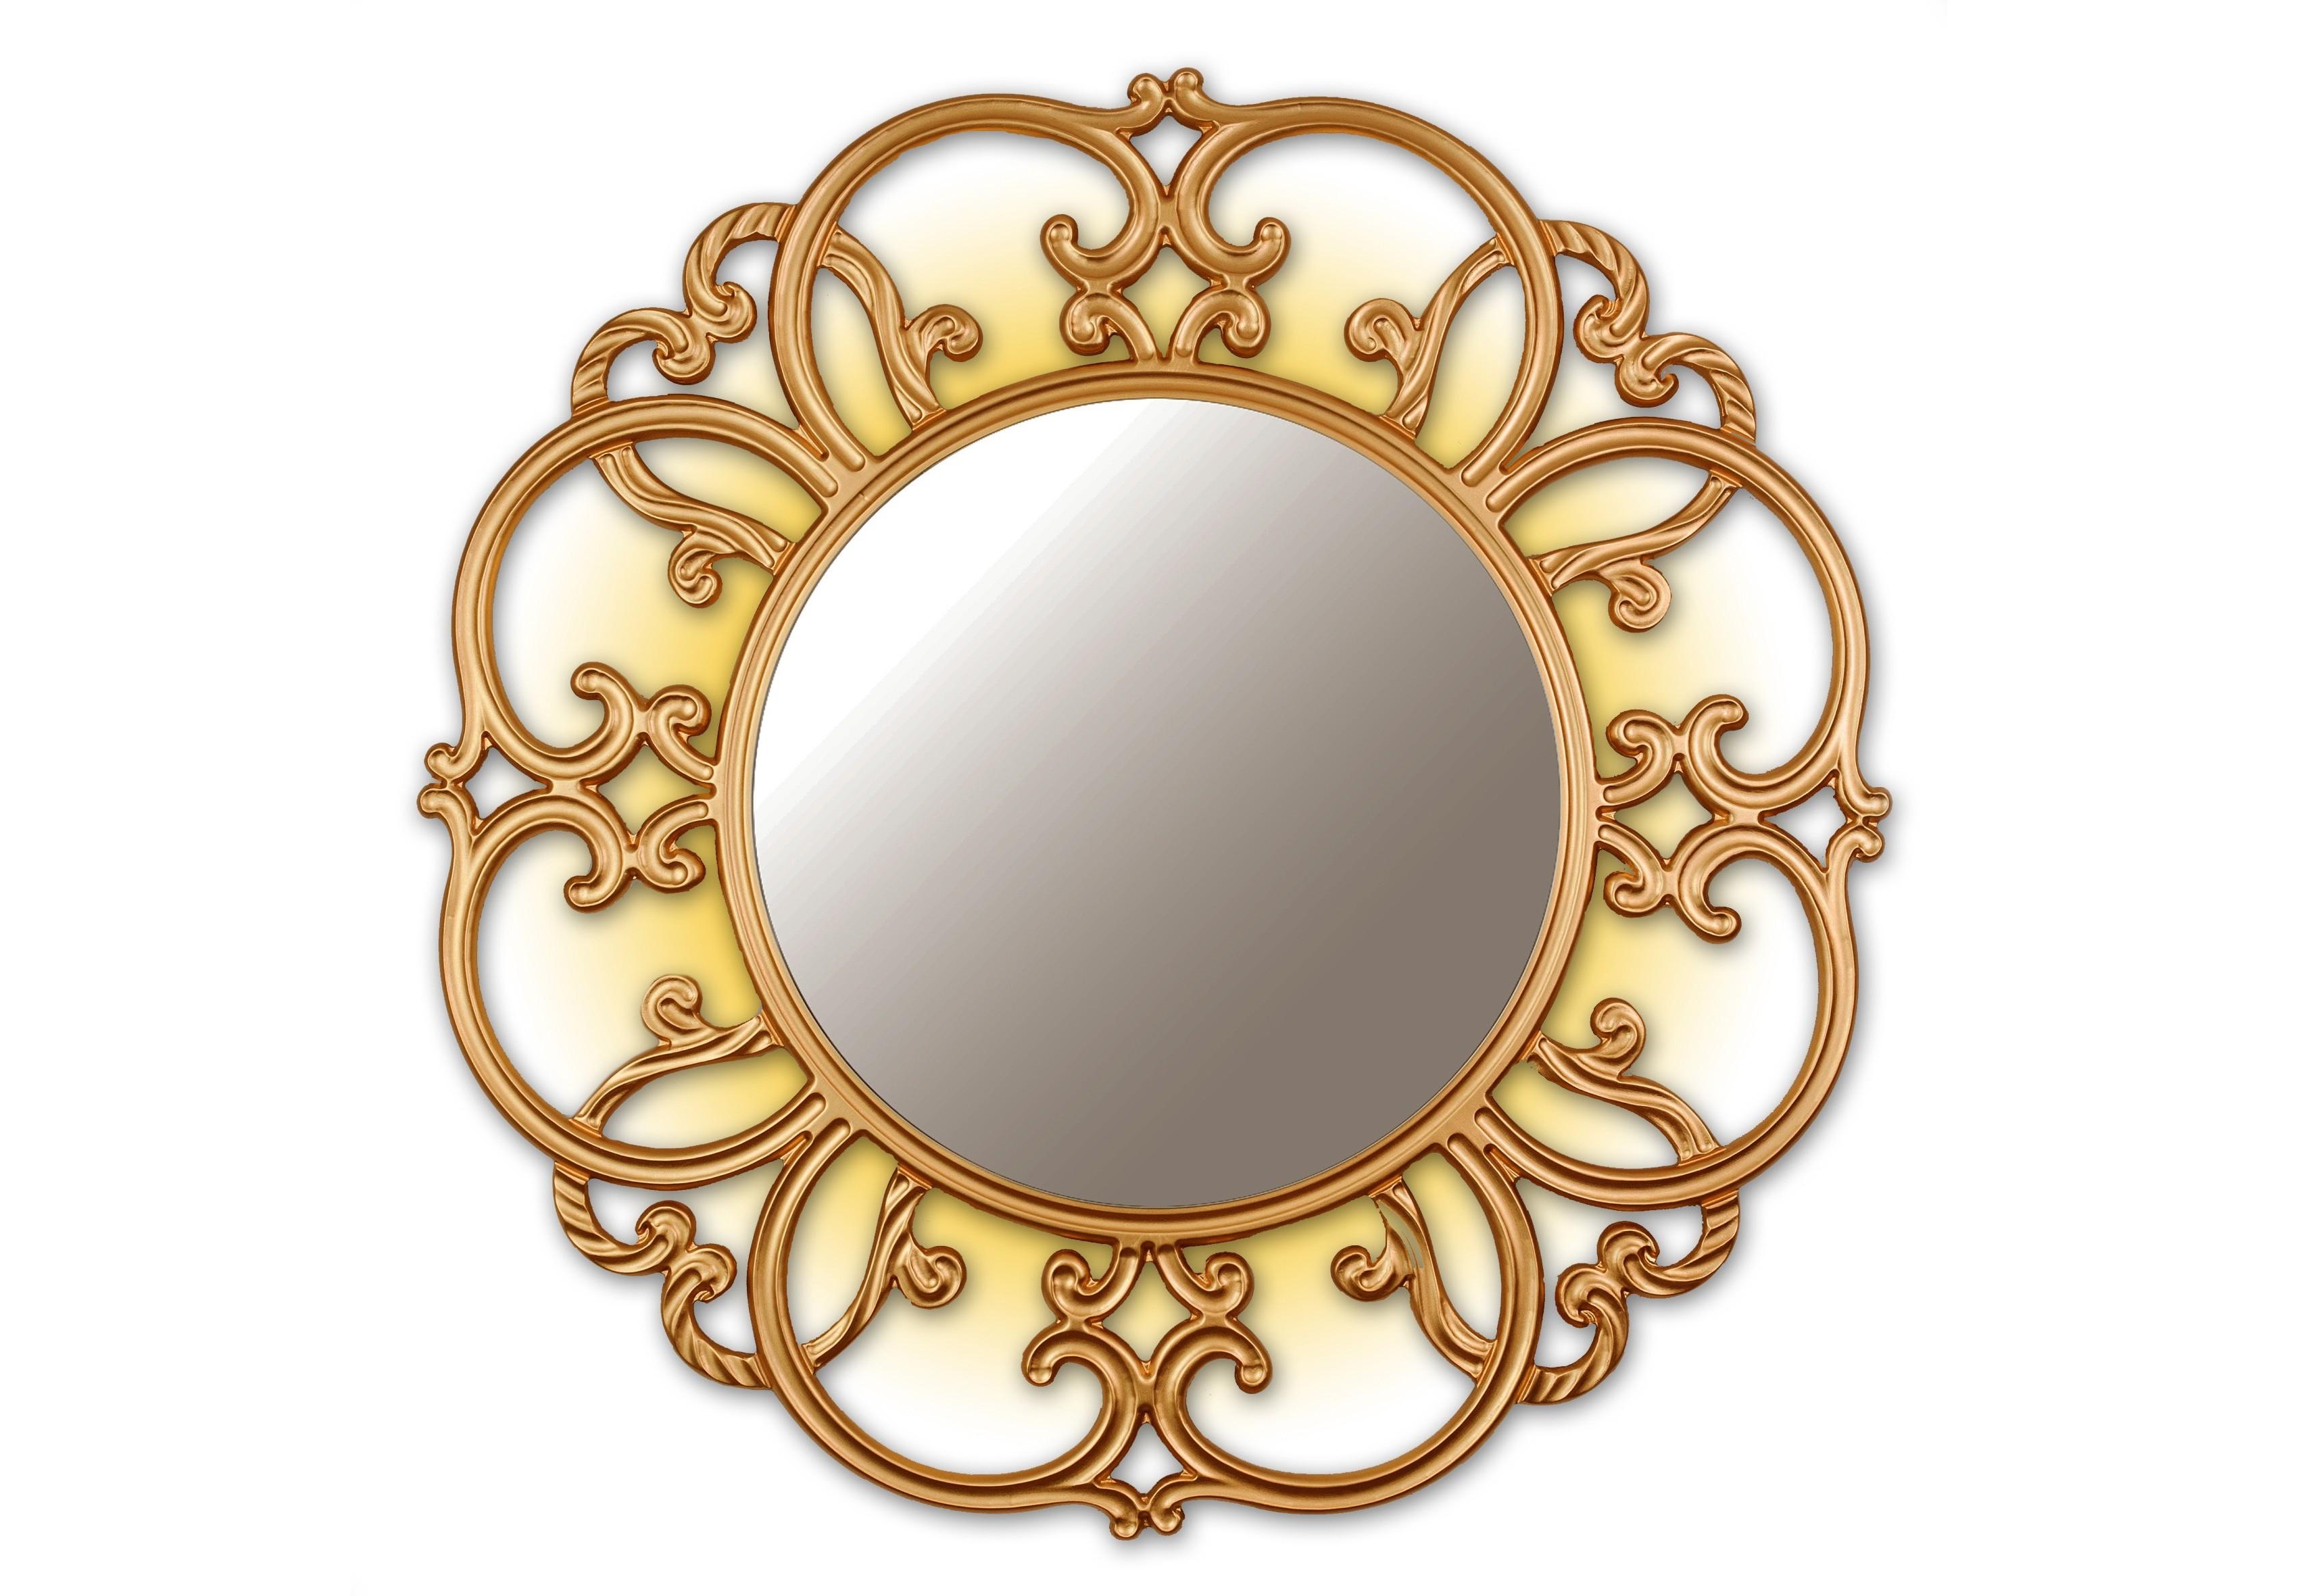 TiffanyНастенные зеркала<br>Как звучит музыка вашей жизни? В ней есть ноты нежности и доброты,любви и радости. Есть и немного грусти,оттеняющей светлые моменты.<br>                Описание: Форма круглая, вес 7 кг, 4 светодиодные лампочки, Натуральный древесный материал высокого качества, Ручная резка, Размер 99*99см, Толщина изделия 7см.&amp;lt;div&amp;gt;&amp;lt;br&amp;gt;&amp;lt;/div&amp;gt;&amp;lt;div&amp;gt;&amp;lt;p class=&amp;quot;MsoNormal&amp;quot;&amp;gt;Товарное предложение оснащено светодиодной подсветкой.&amp;lt;o:p&amp;gt;&amp;lt;/o:p&amp;gt;&amp;lt;/p&amp;gt;&amp;lt;/div&amp;gt;<br><br>Material: Дерево<br>Глубина см: 1.0